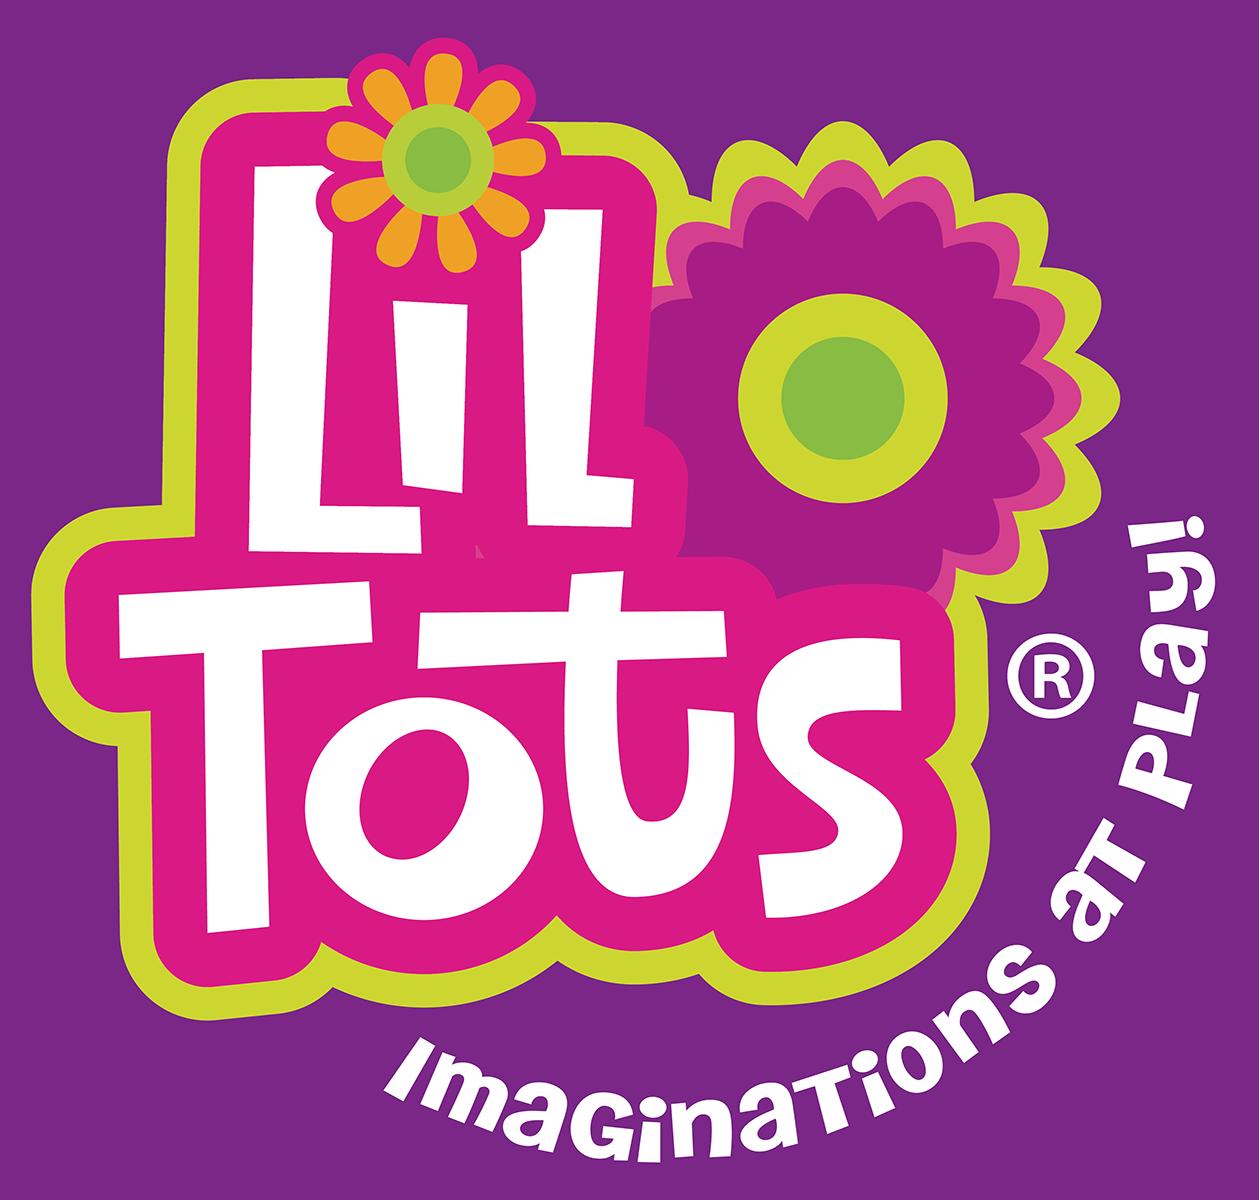 Lil Tots